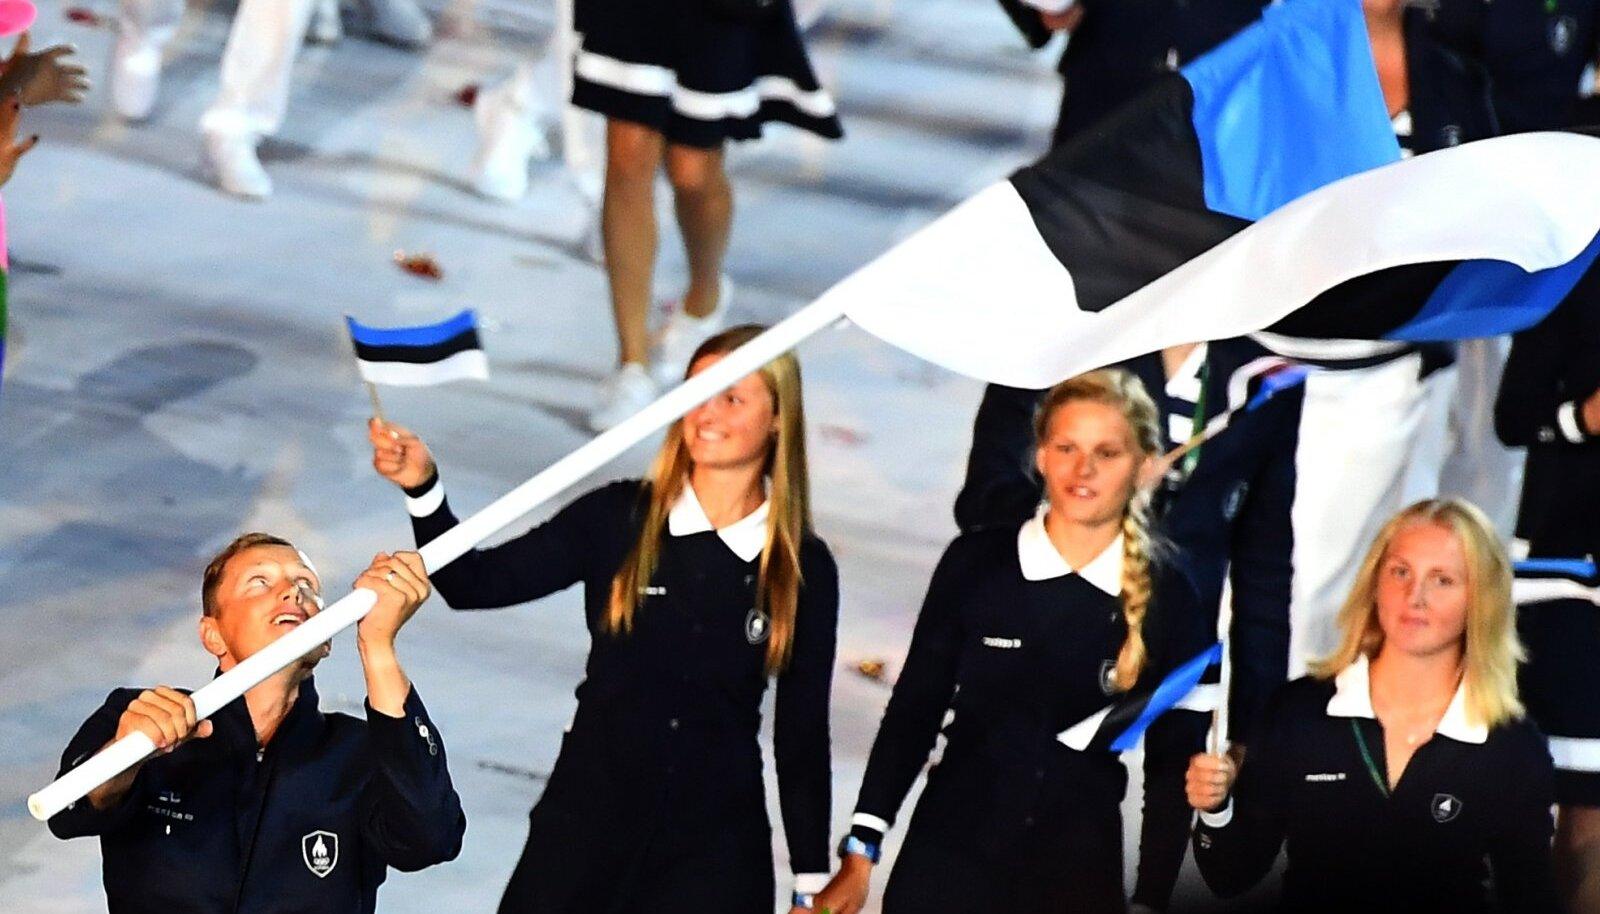 Rio de Janeiro olümpia avamisel Eesti lippu kandnud Karl-Martin Rammo sai lõpuks vaktsineeritud.